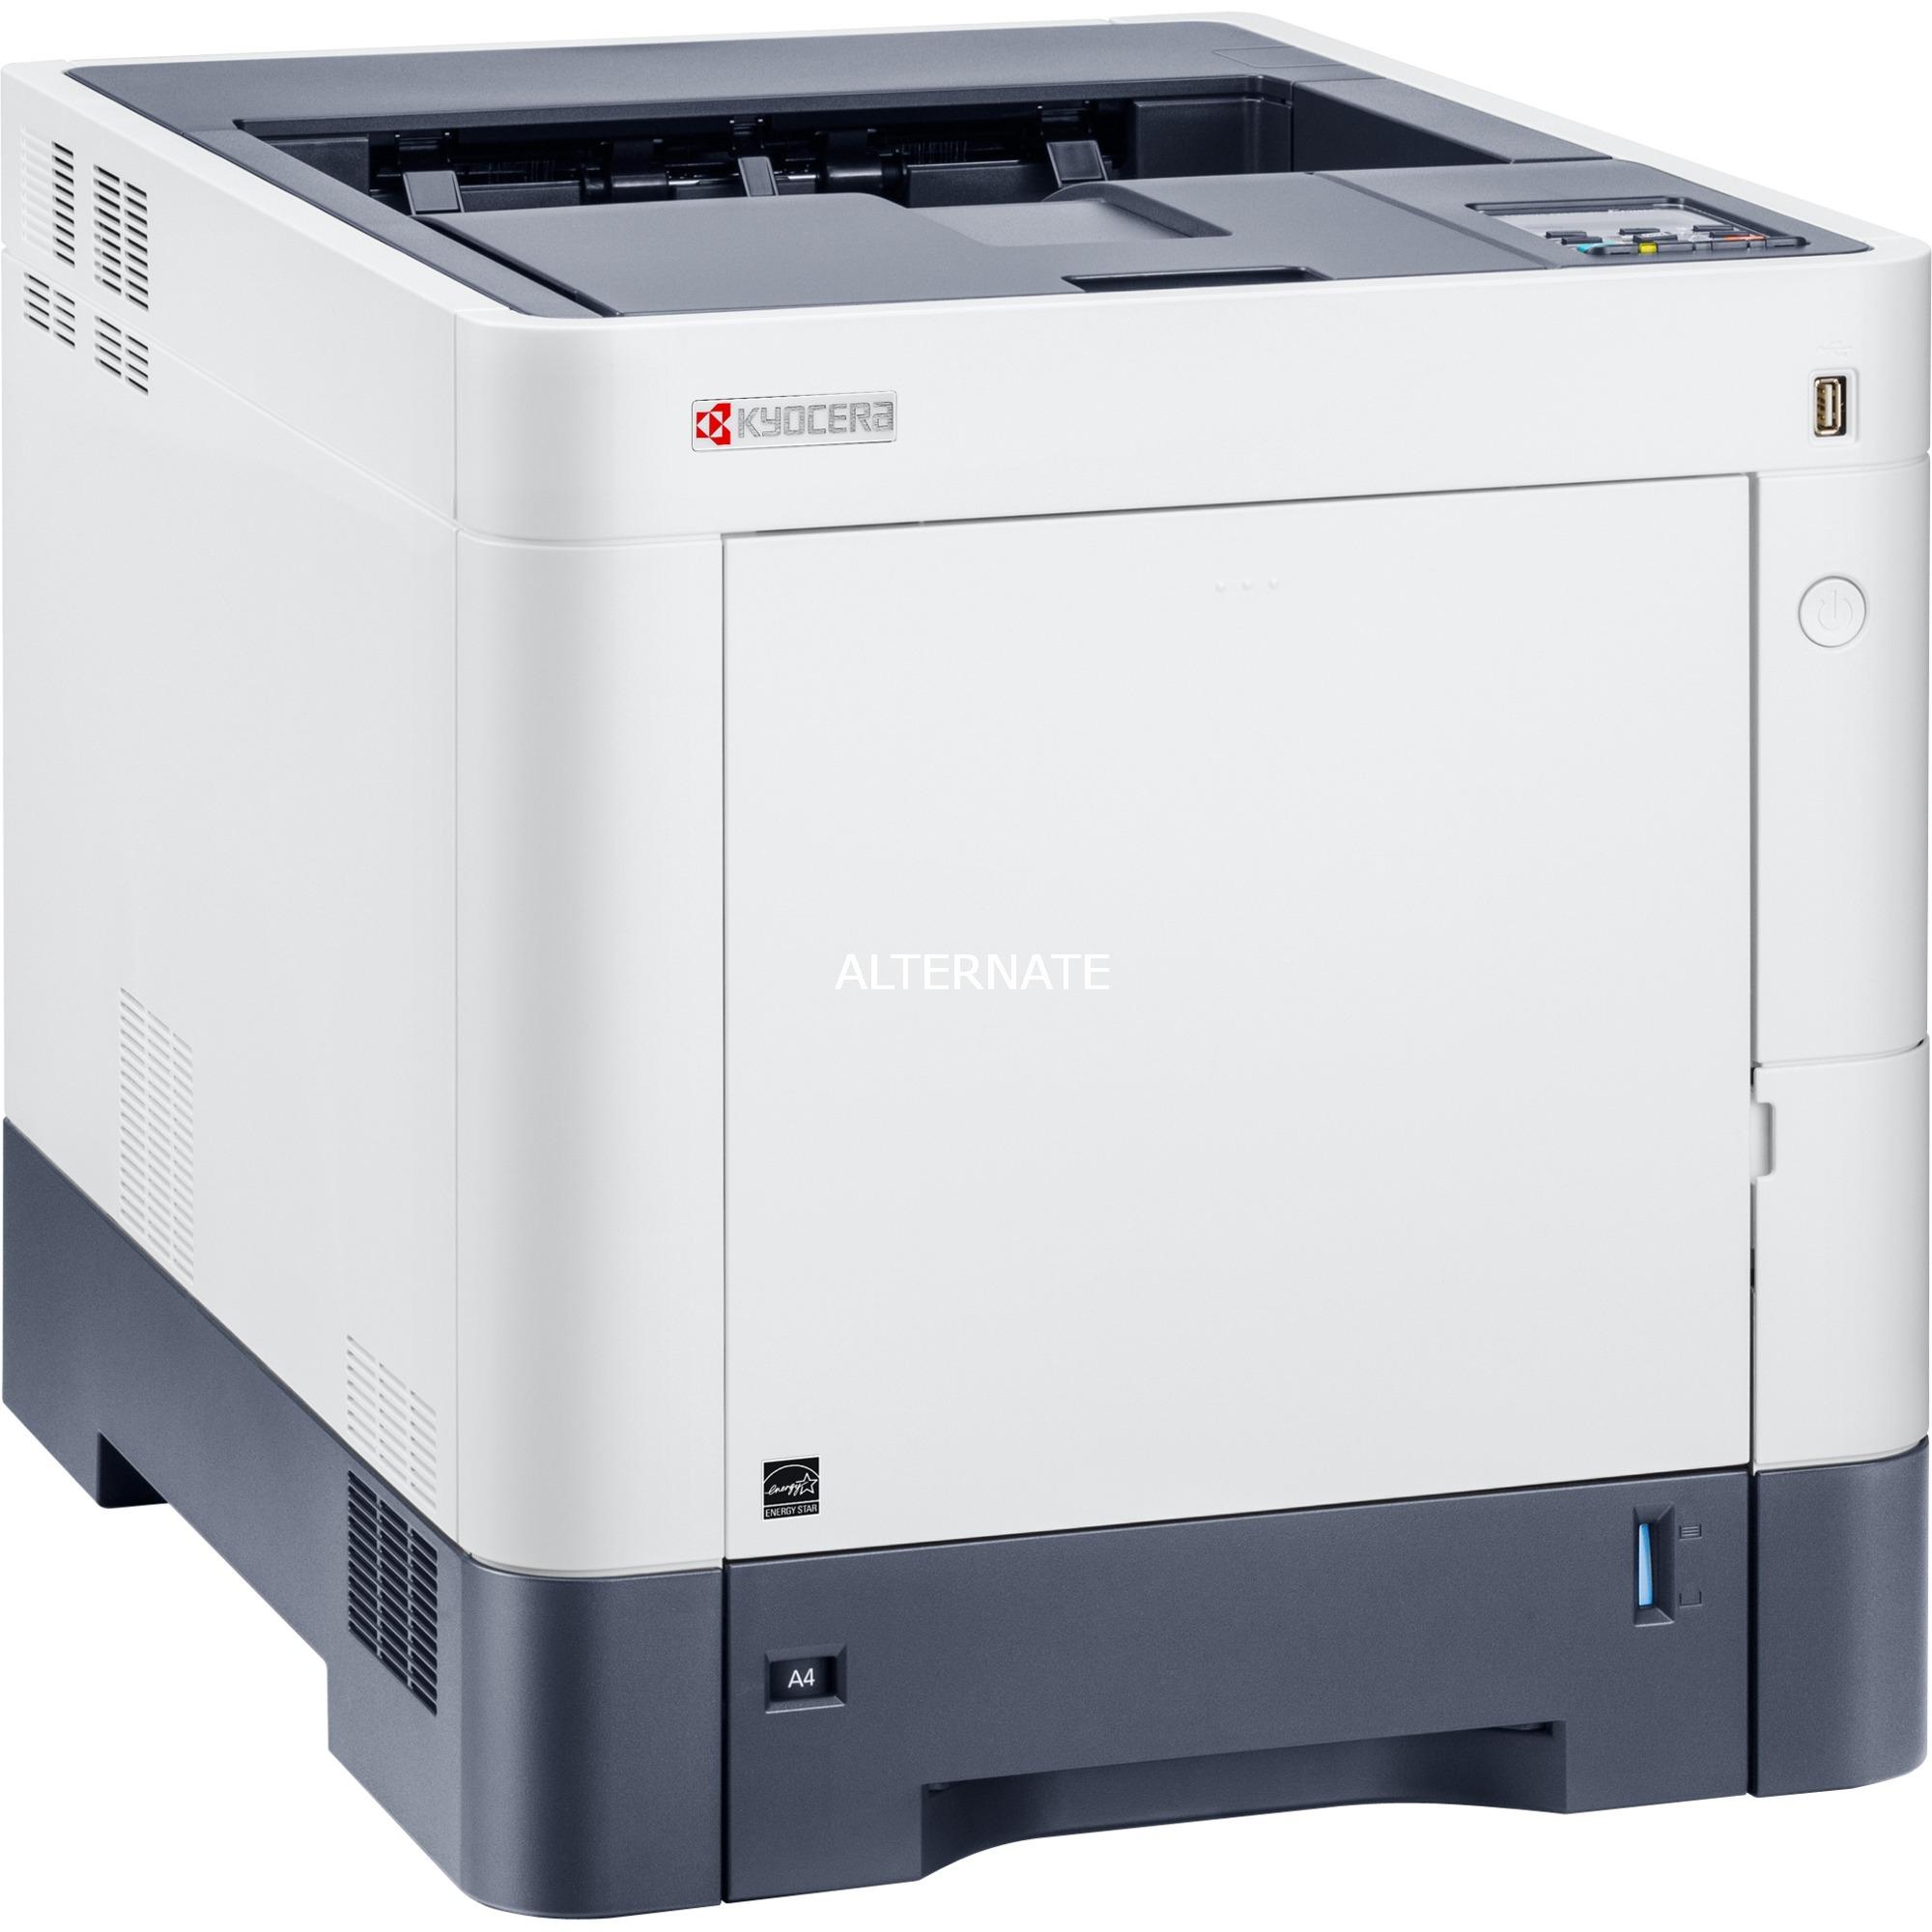 1102TV3NL0, Imprimante laser couleur